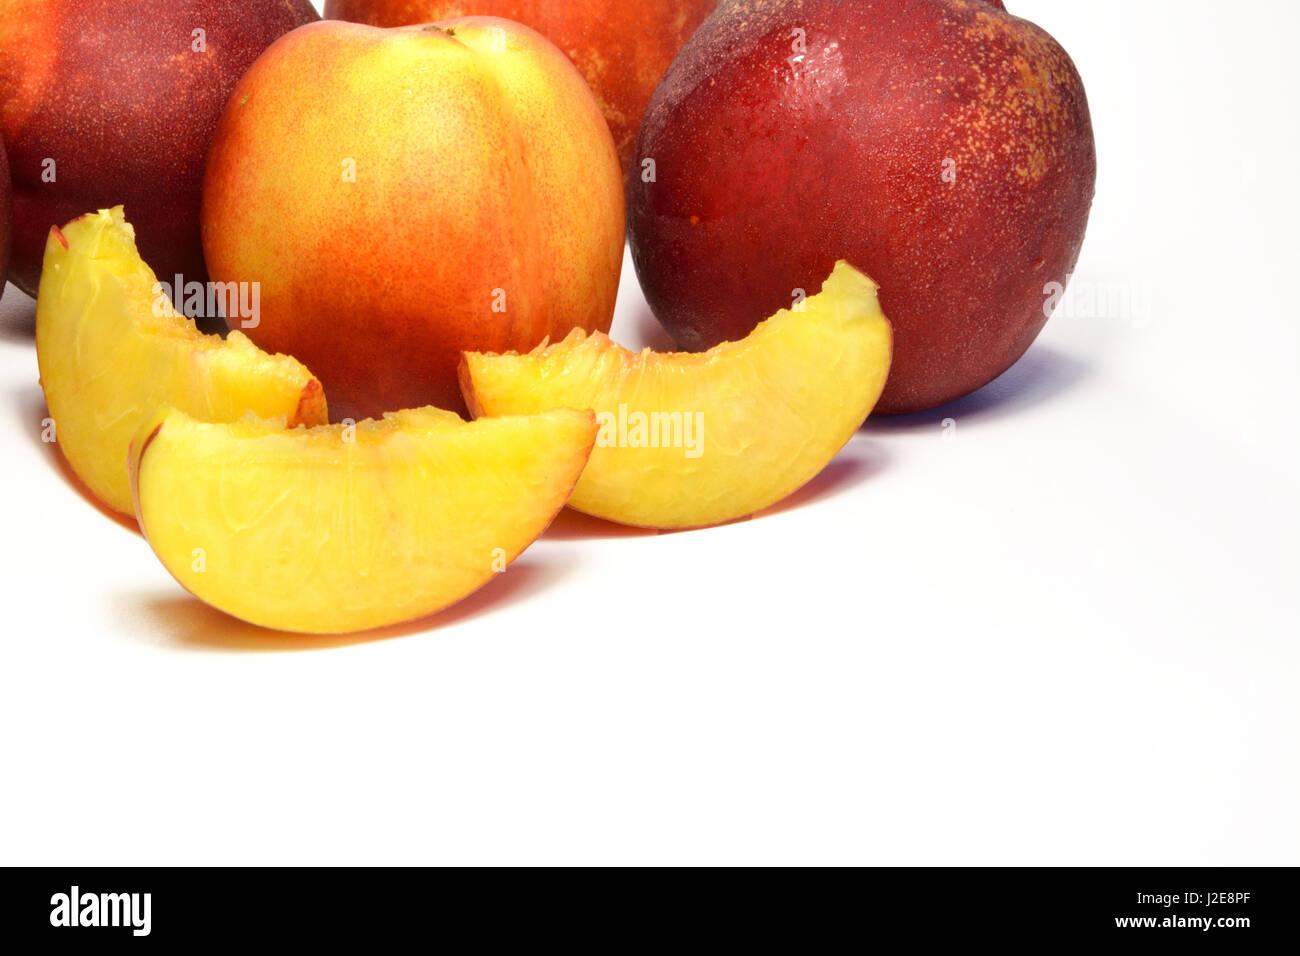 Sliced juicy netarines source of healthy vitamin - Stock Image